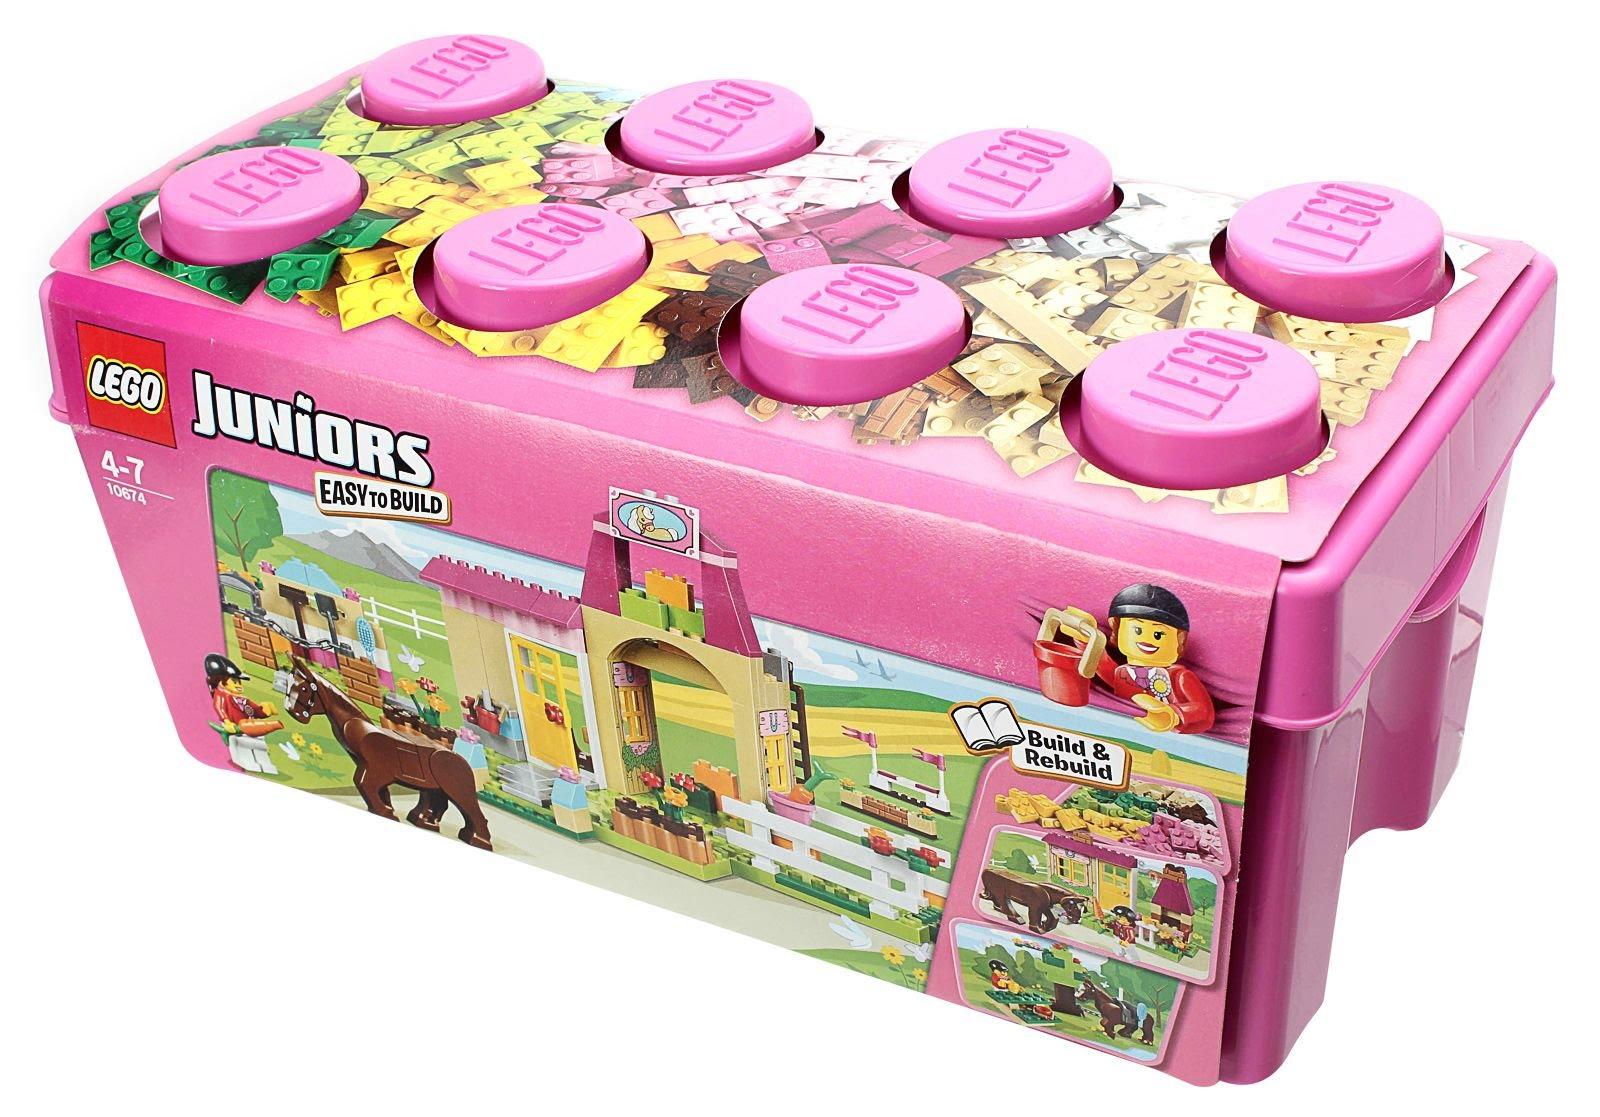 Lego junior vs classic